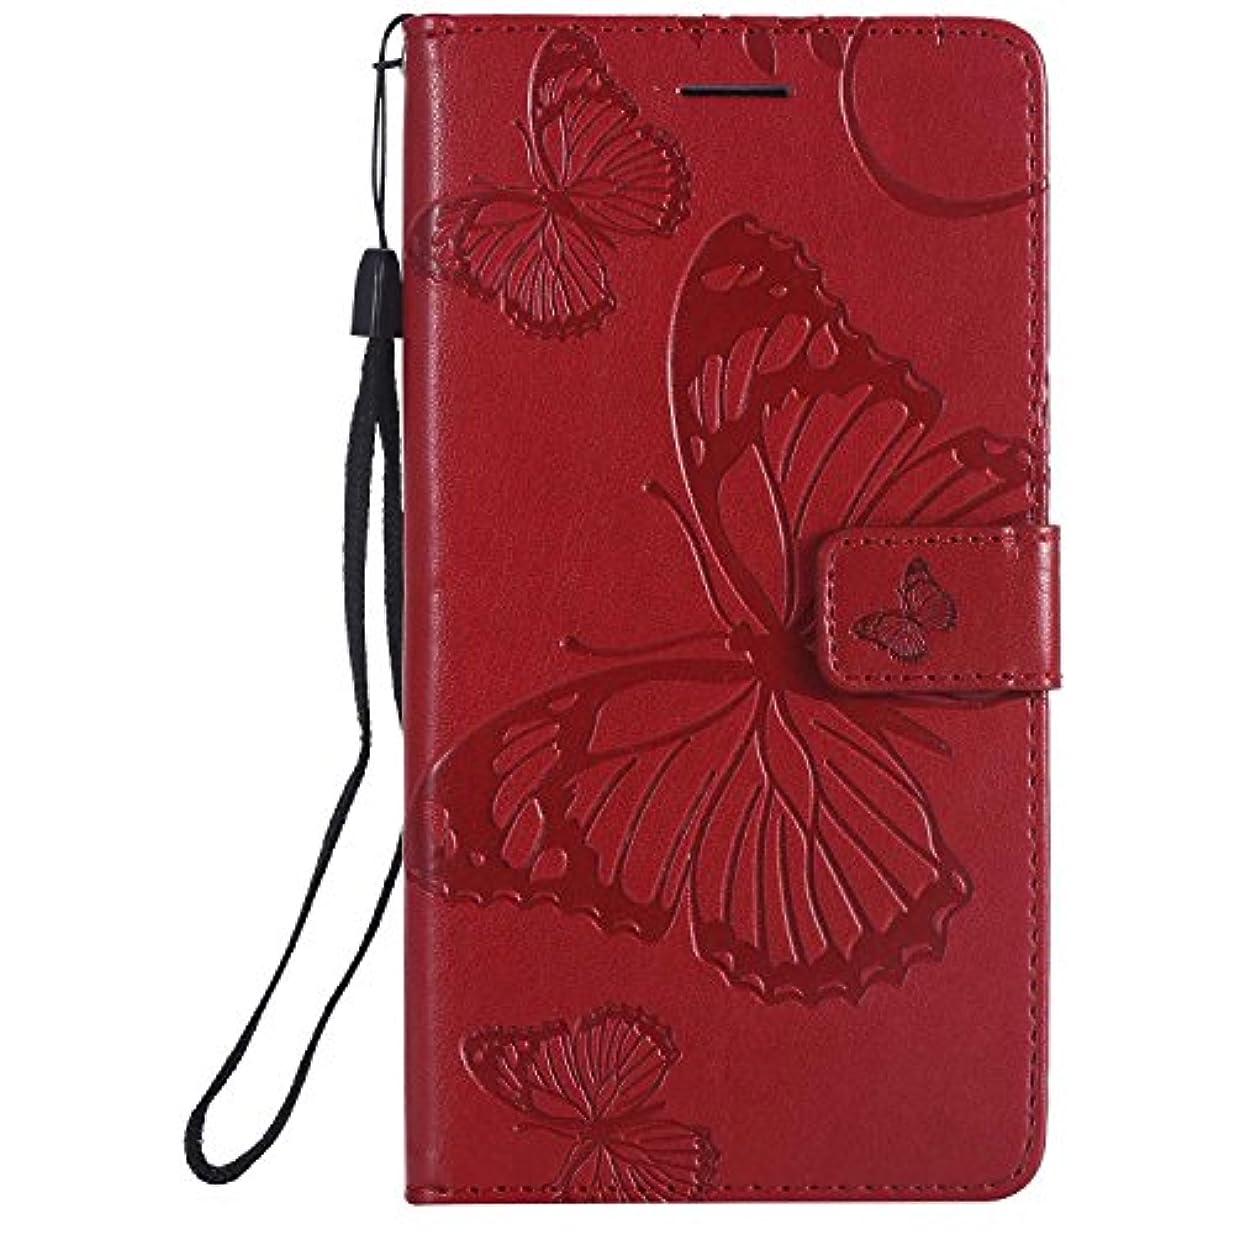 スペクトラム保有者無実CUSKING LG LS775 ケース LG LS775 カバー エルジー 手帳ケース カードポケット スタンド機能 蝶柄 スマホケース かわいい レザー 手帳 - レッド